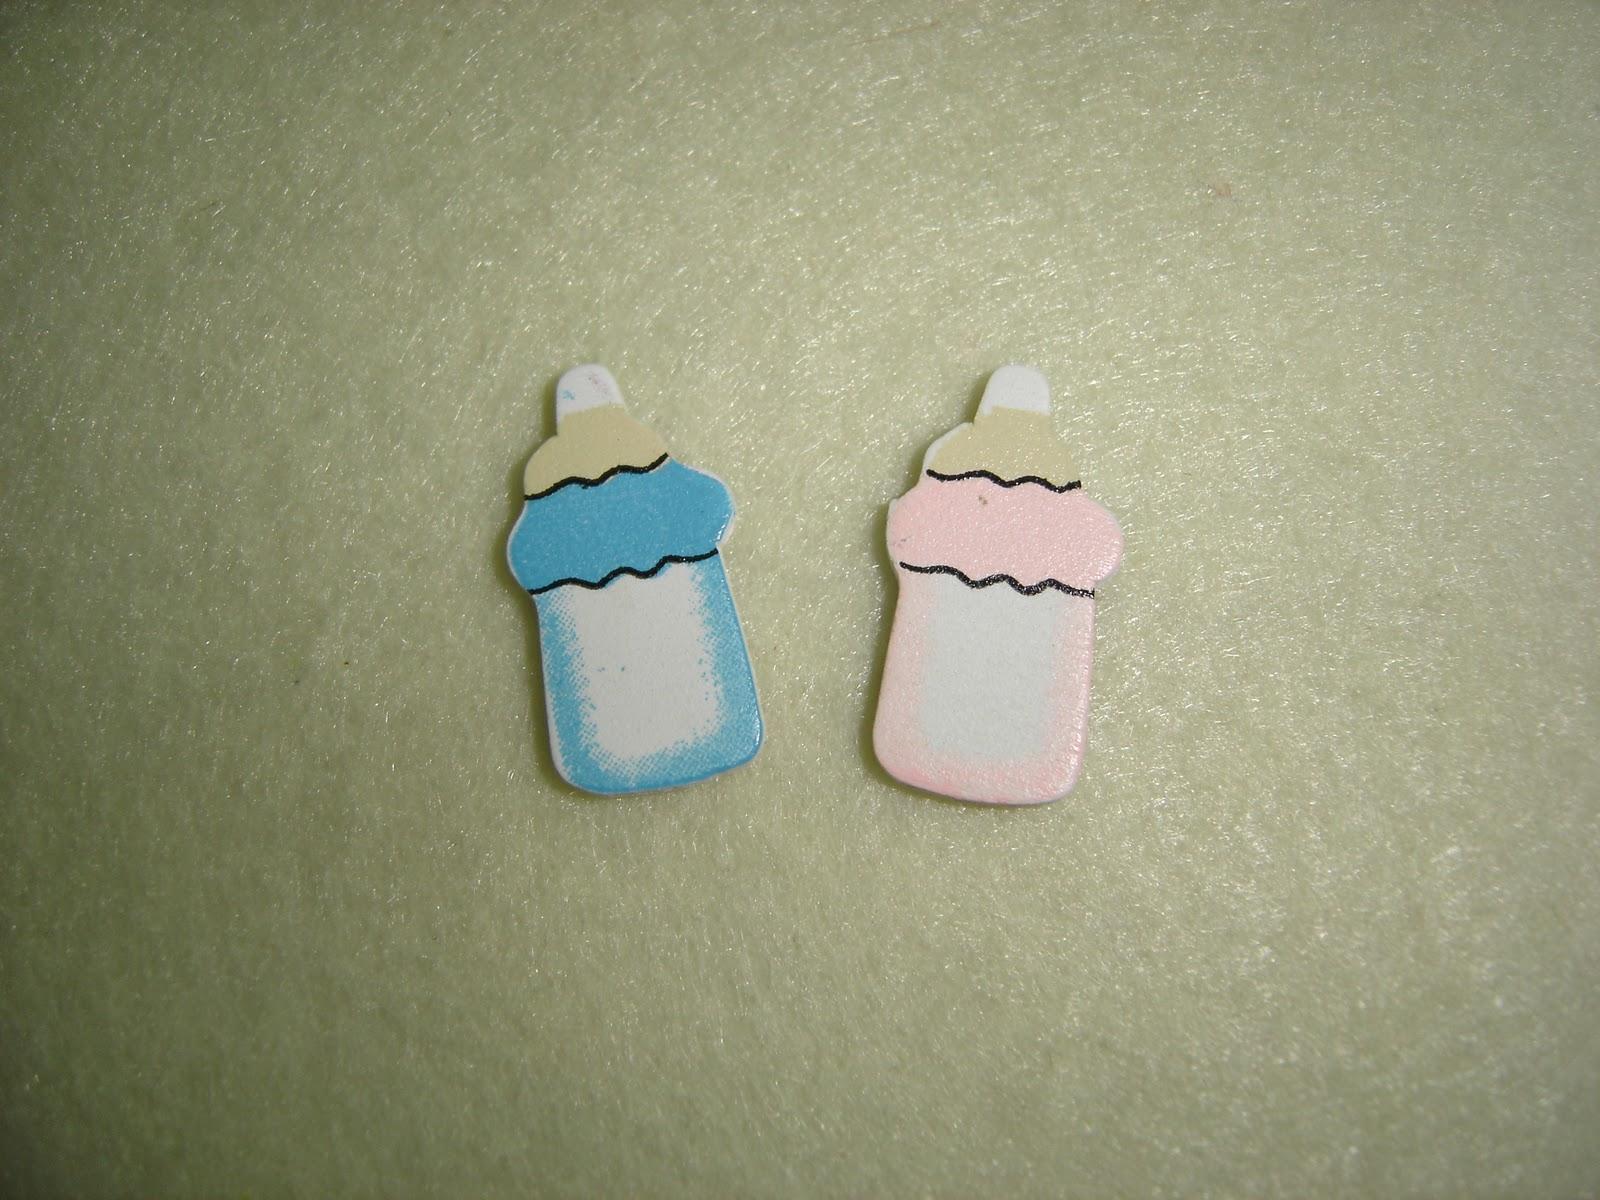 Apliques biberões 0 30 koisas (cada) disponíveis em rosa e azul #3E7A8D 1600x1200